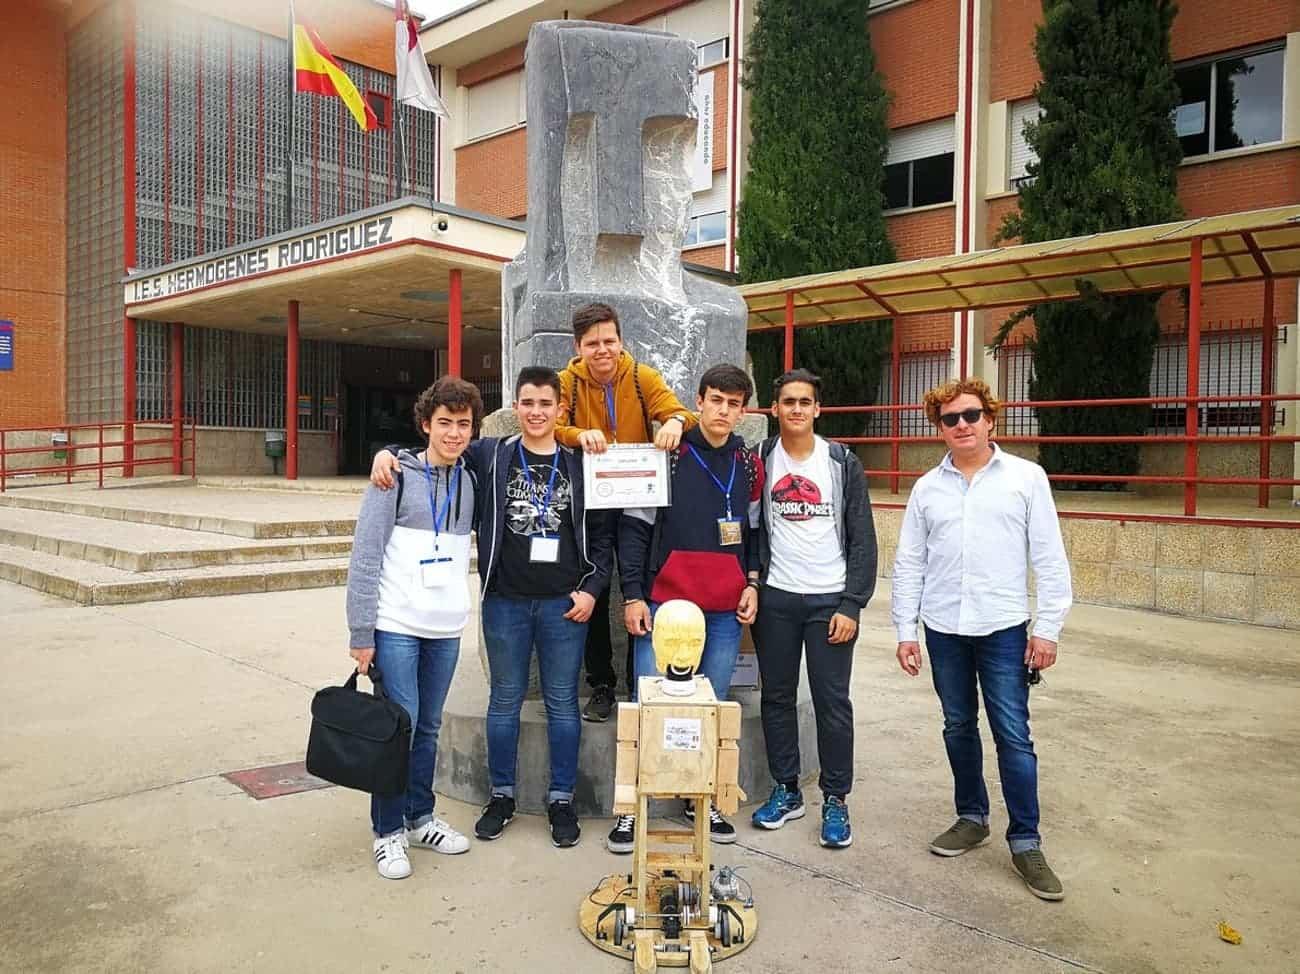 equipo robotica herencia 1 - Nuevos triunfos del equipo de robótica del IES Hermógenes Rodríguez